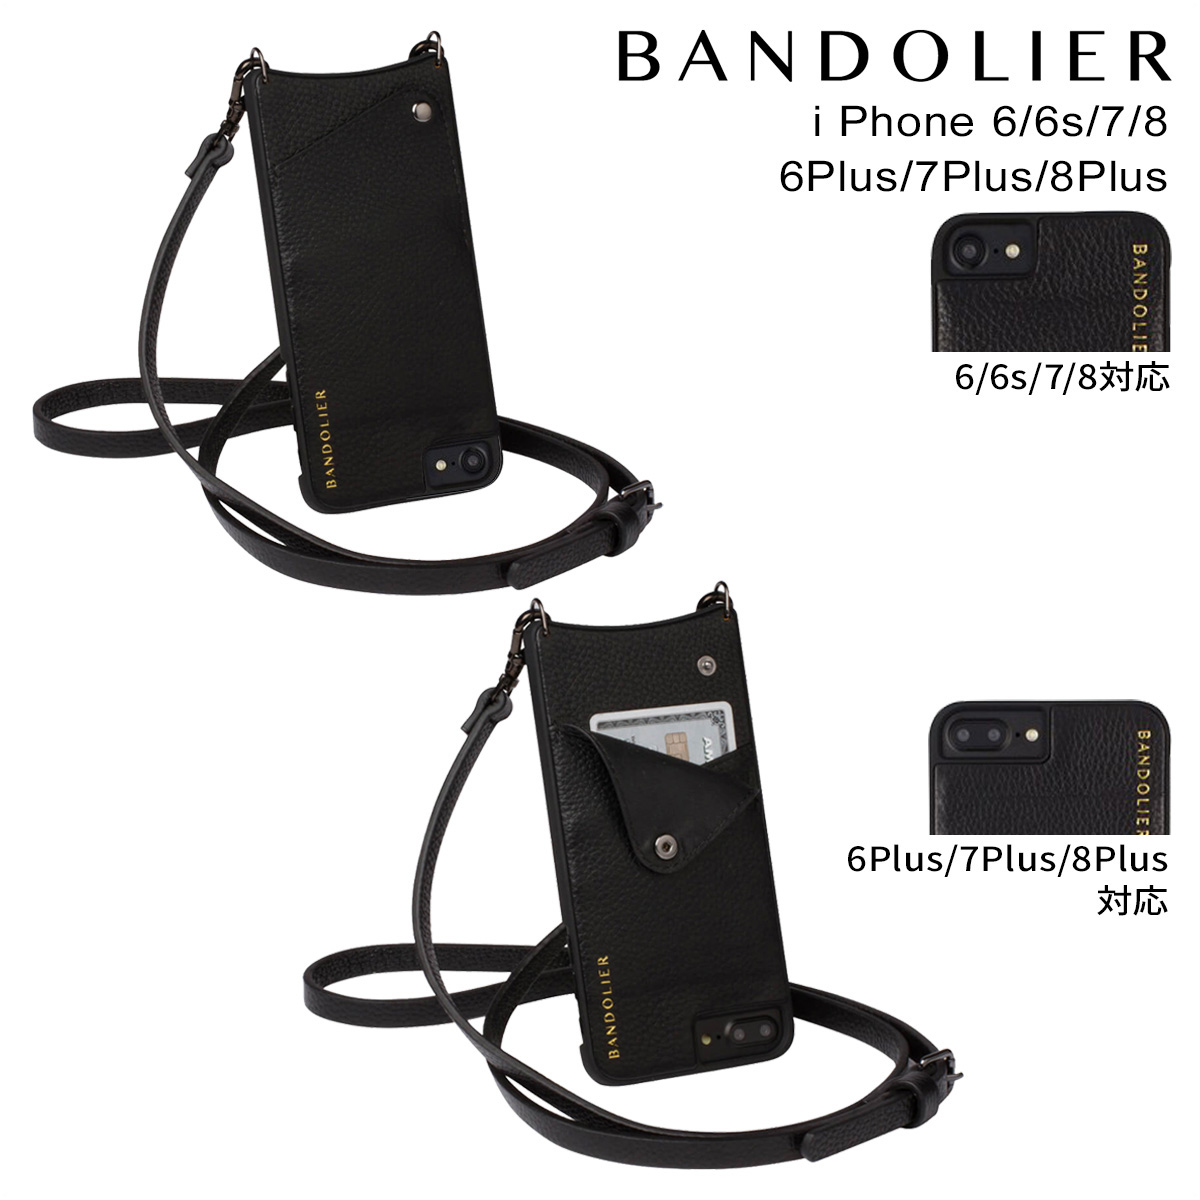 バンドリヤー BANDOLIER iPhone8 iPhone7 7Plus 6s ケース スマホ アイフォン プラス EMMA メンズ レディース レザー ブラック [9/14 再入荷]